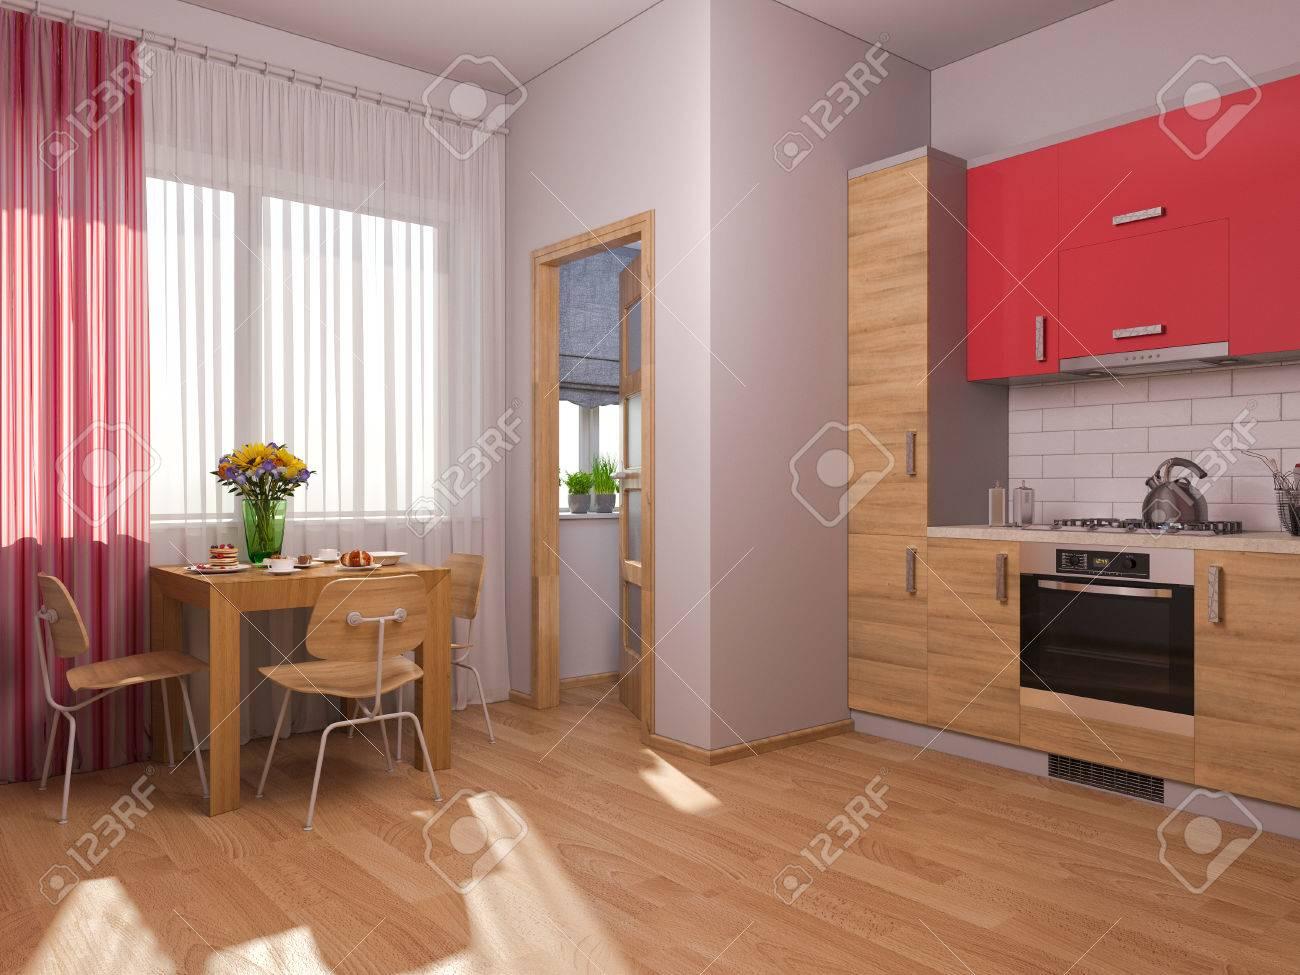 Estudio De Interiores. Great With Estudio De Interiores. Amazing ...